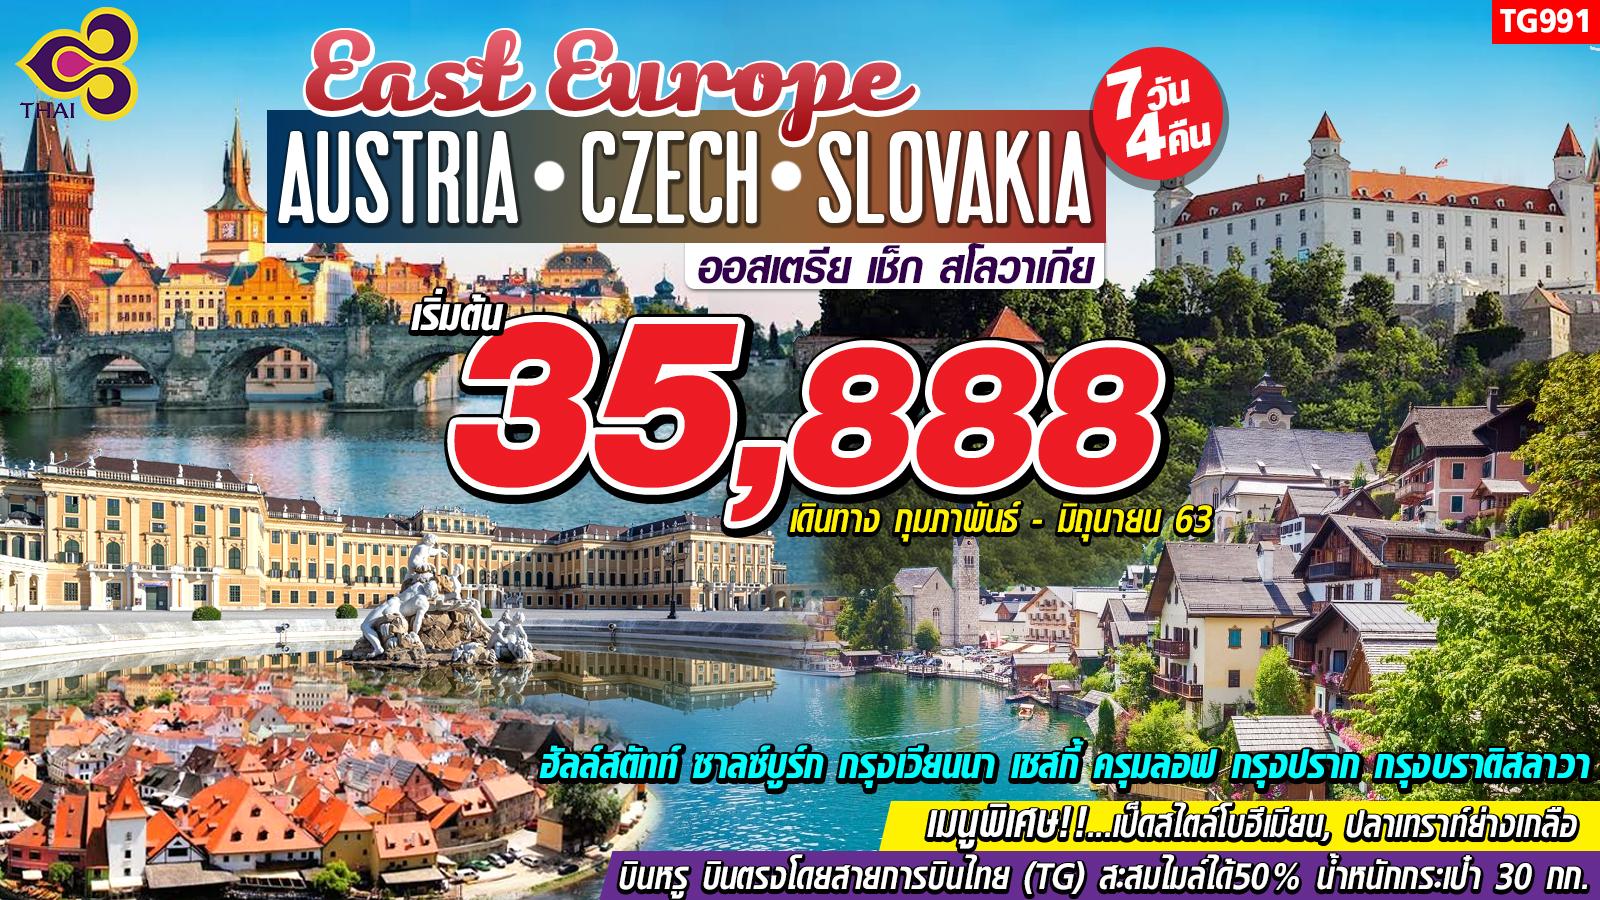 ทัวร์ยุโรป ออสเตรีย เช็ก สโลวาเกีย 7 วัน 4 คืน